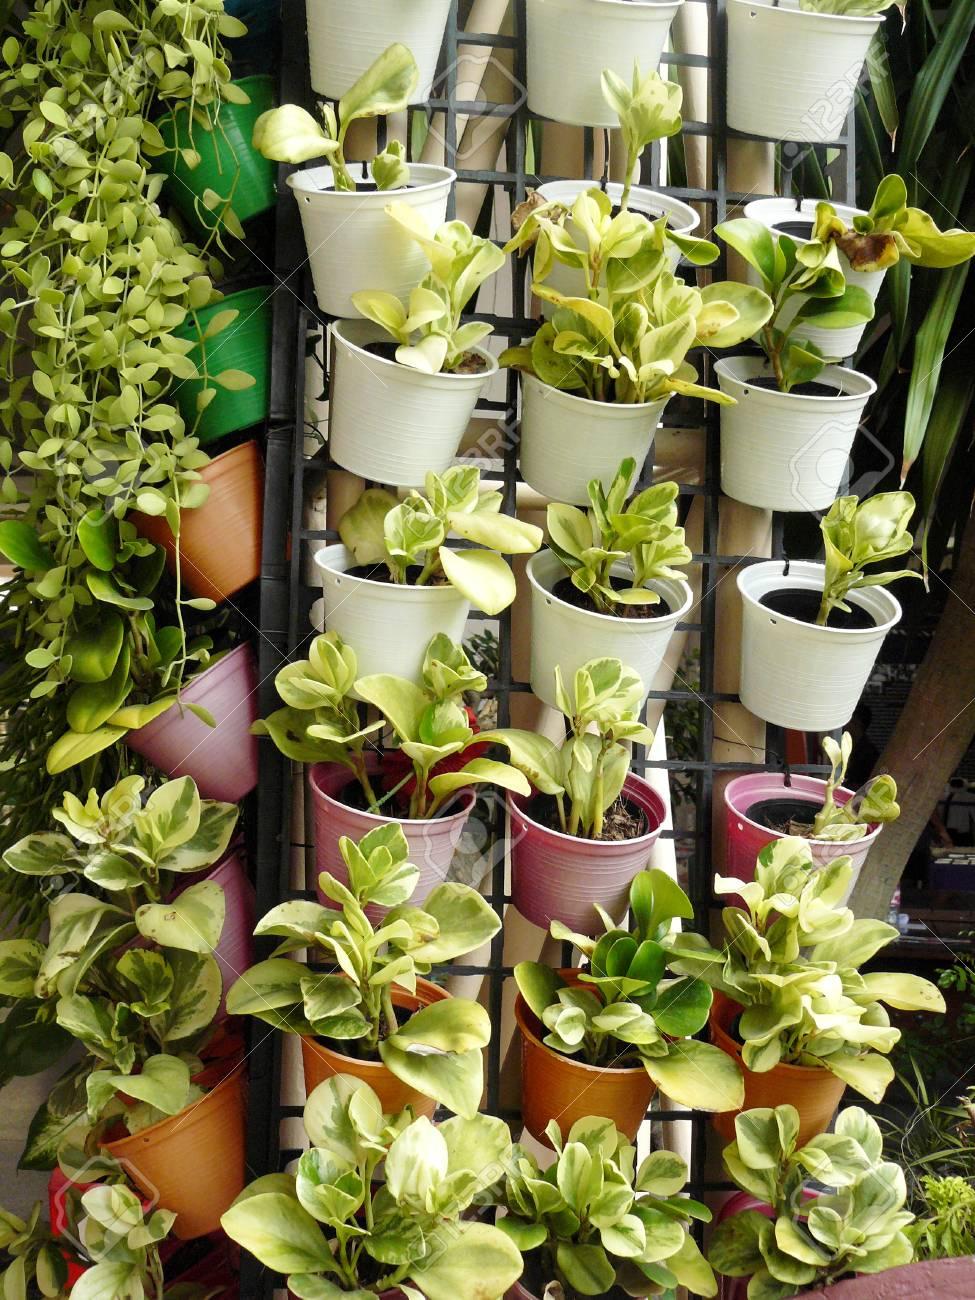 Vertikaler Garten Auf Wand Der Spalte, Kleine Blumentöpfe Auf ...